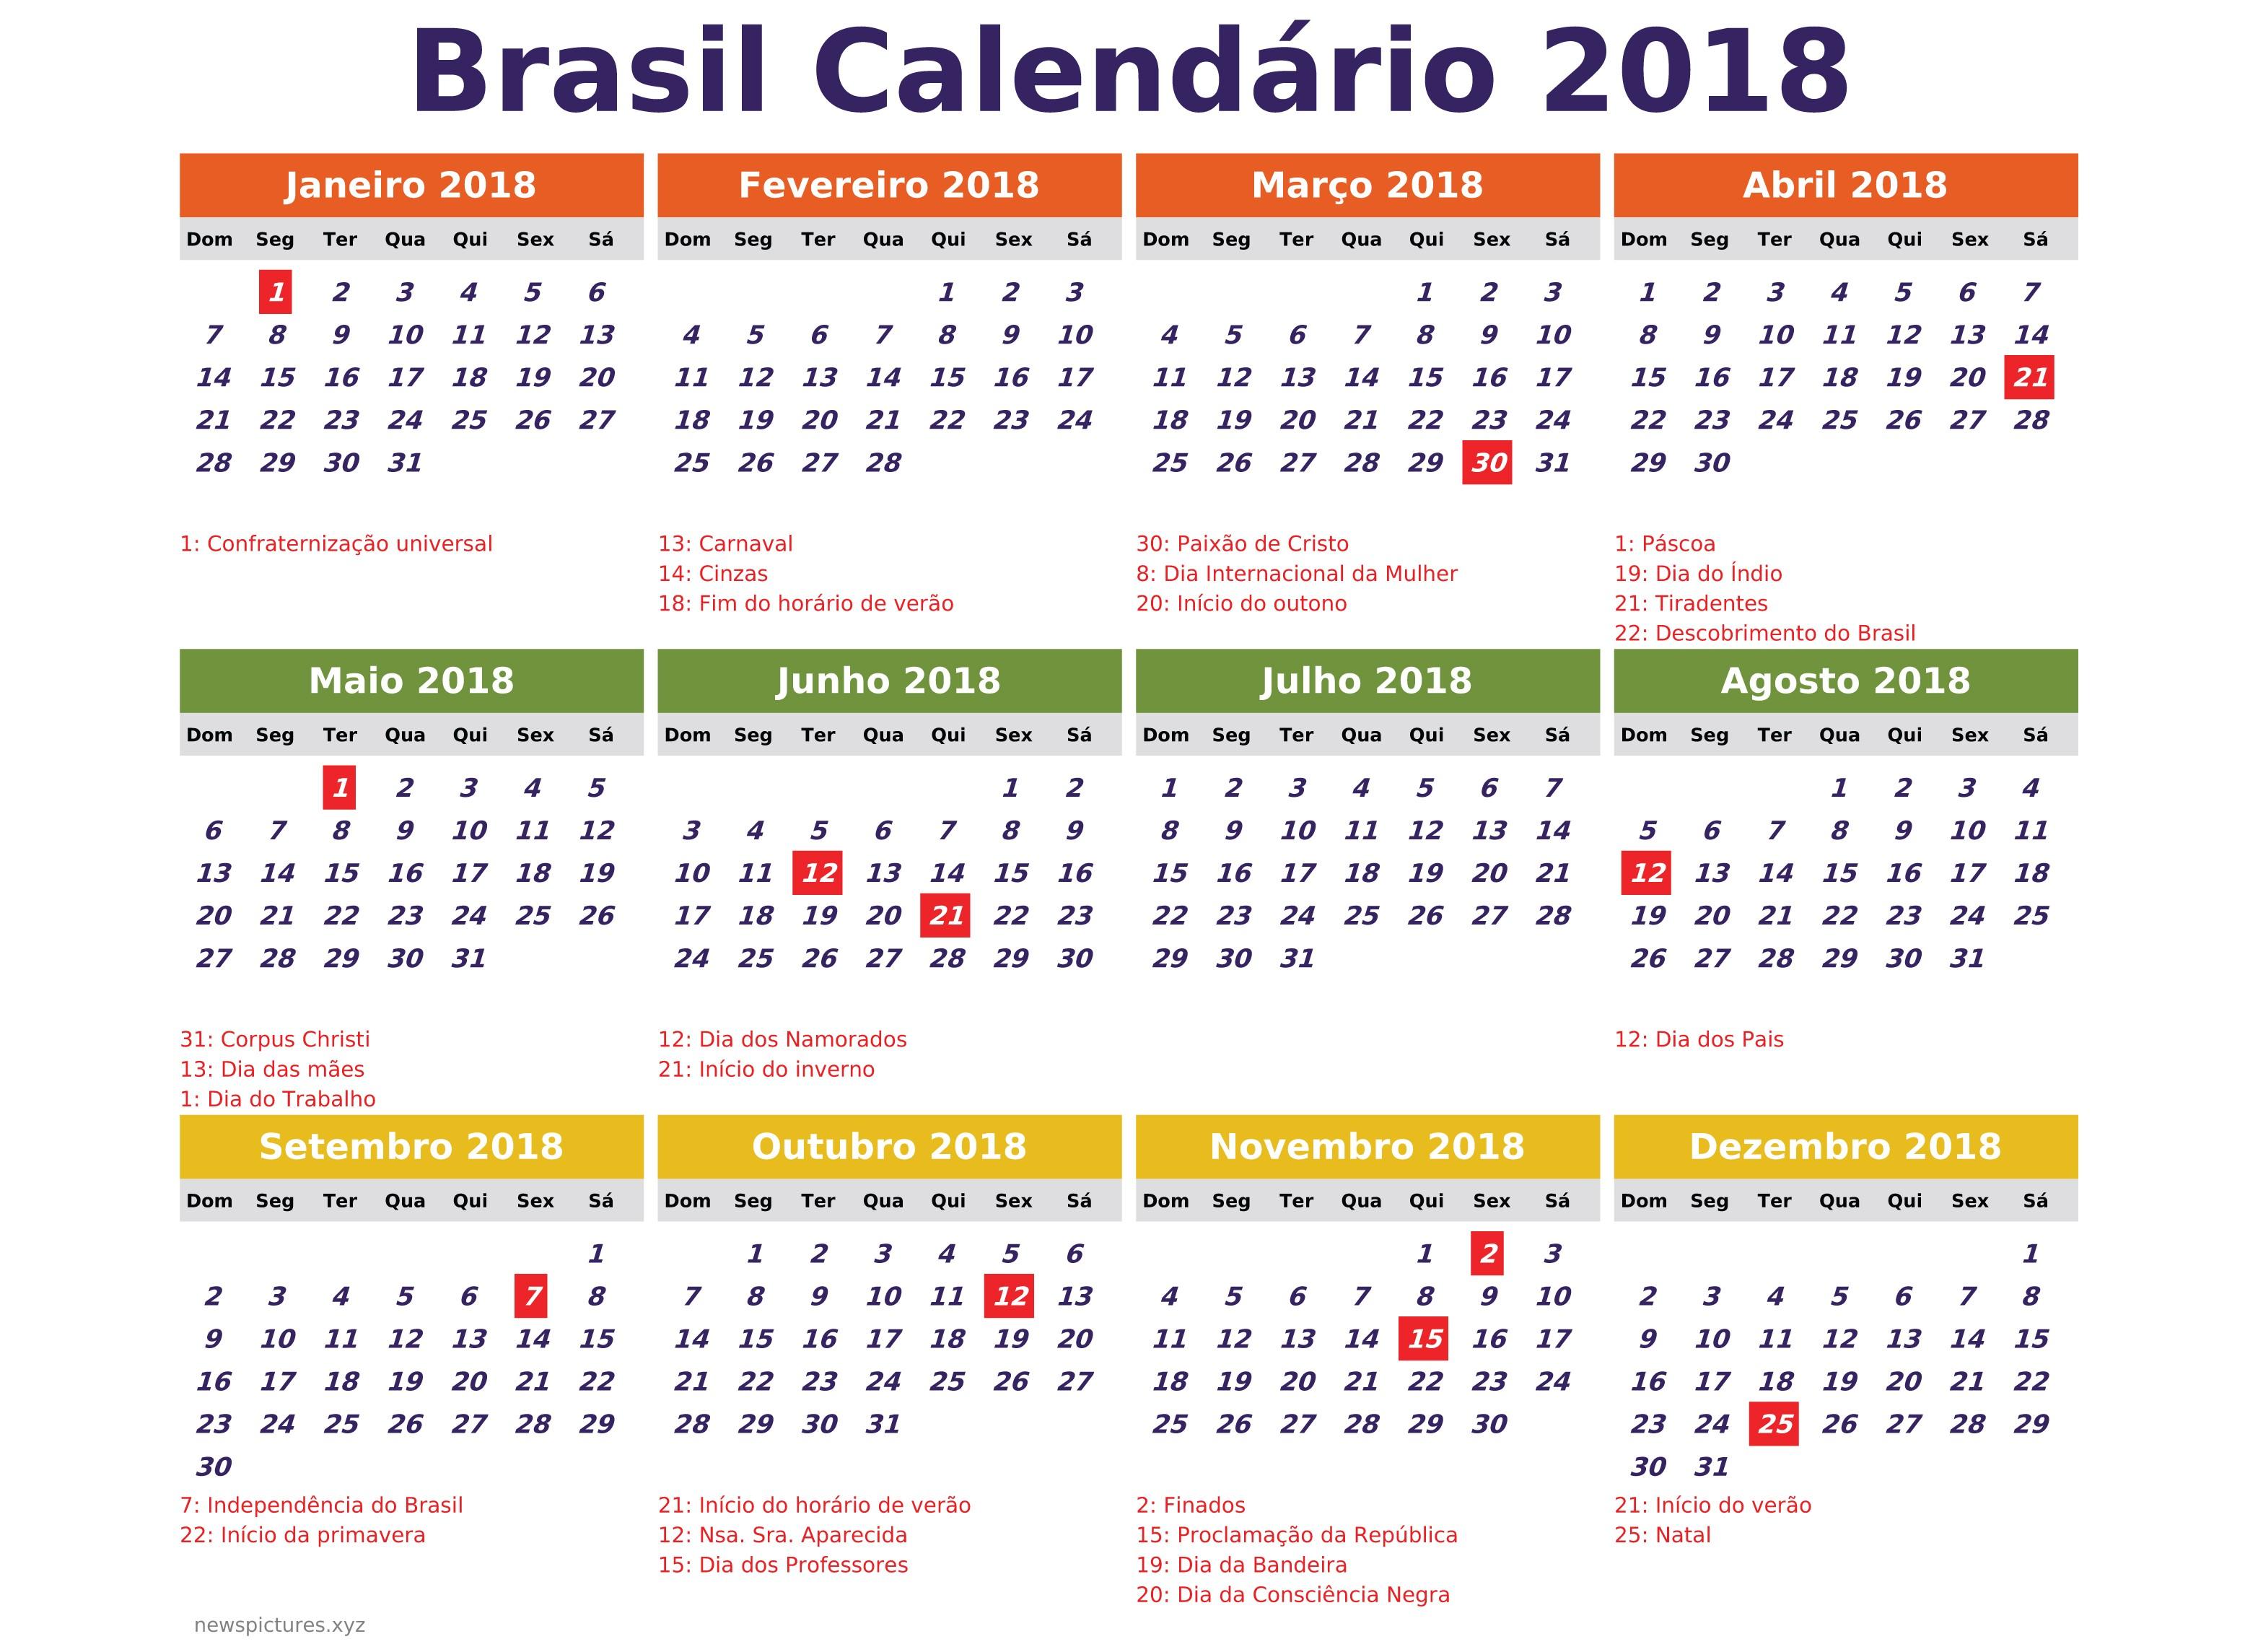 Calendario Octubre 2017 Bonito Para Imprimir Más Recientemente Liberado Imprimir Calendario Elegant Imprimir Calendario Stunning